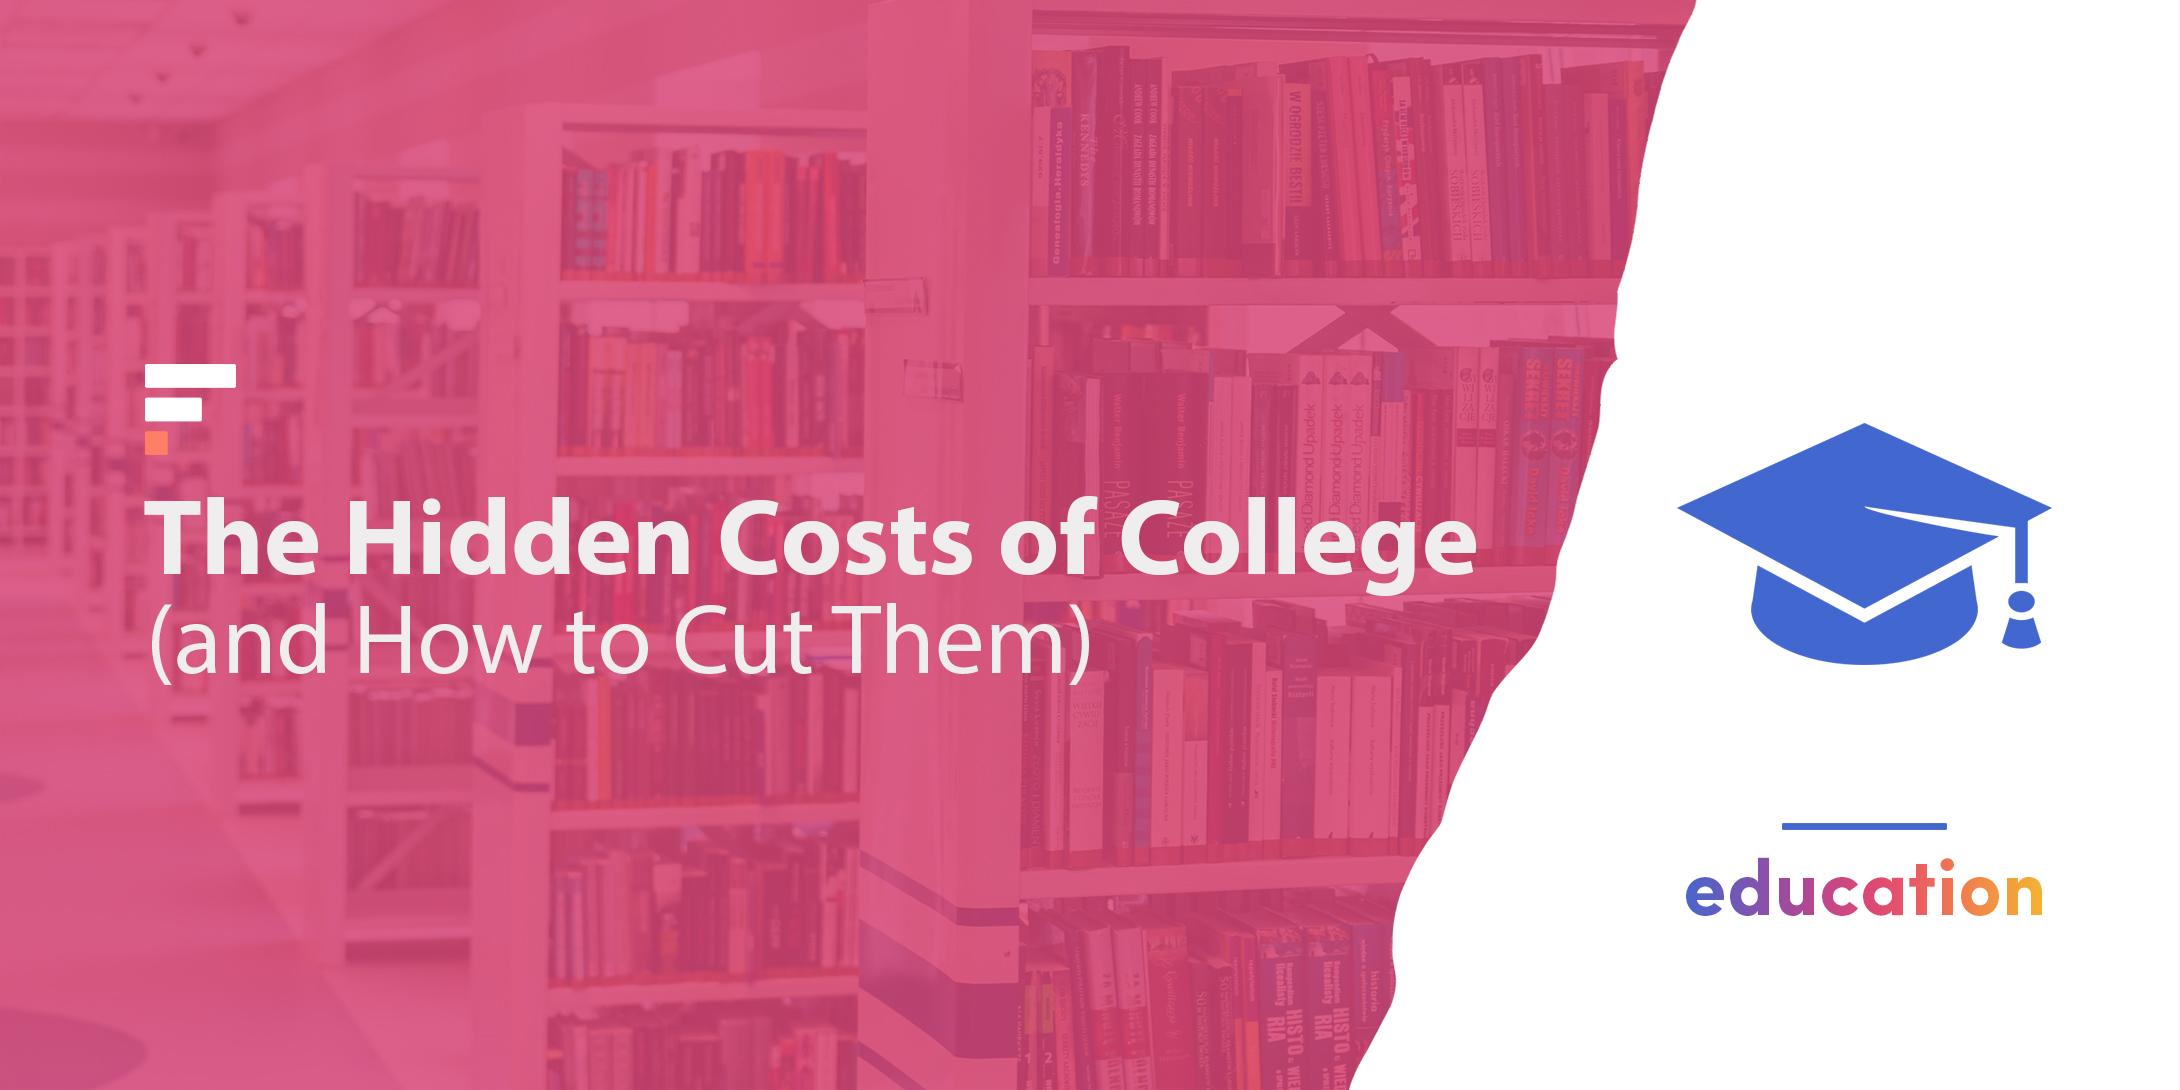 Hidden costs of college